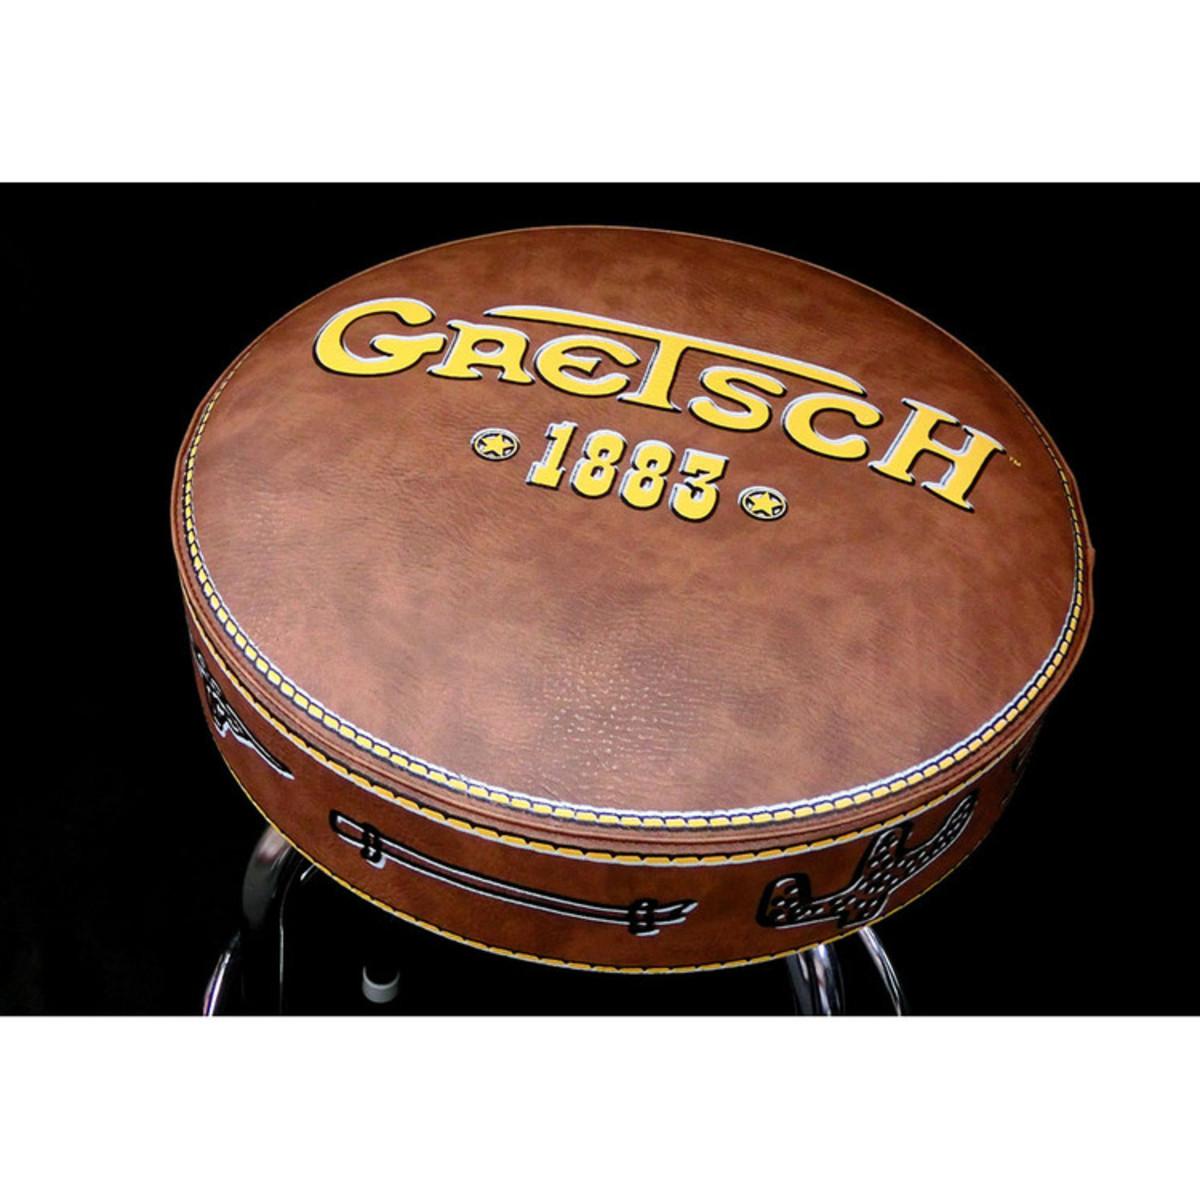 Gretsch 1883 30 Quot Bar Stool At Gear4music Com